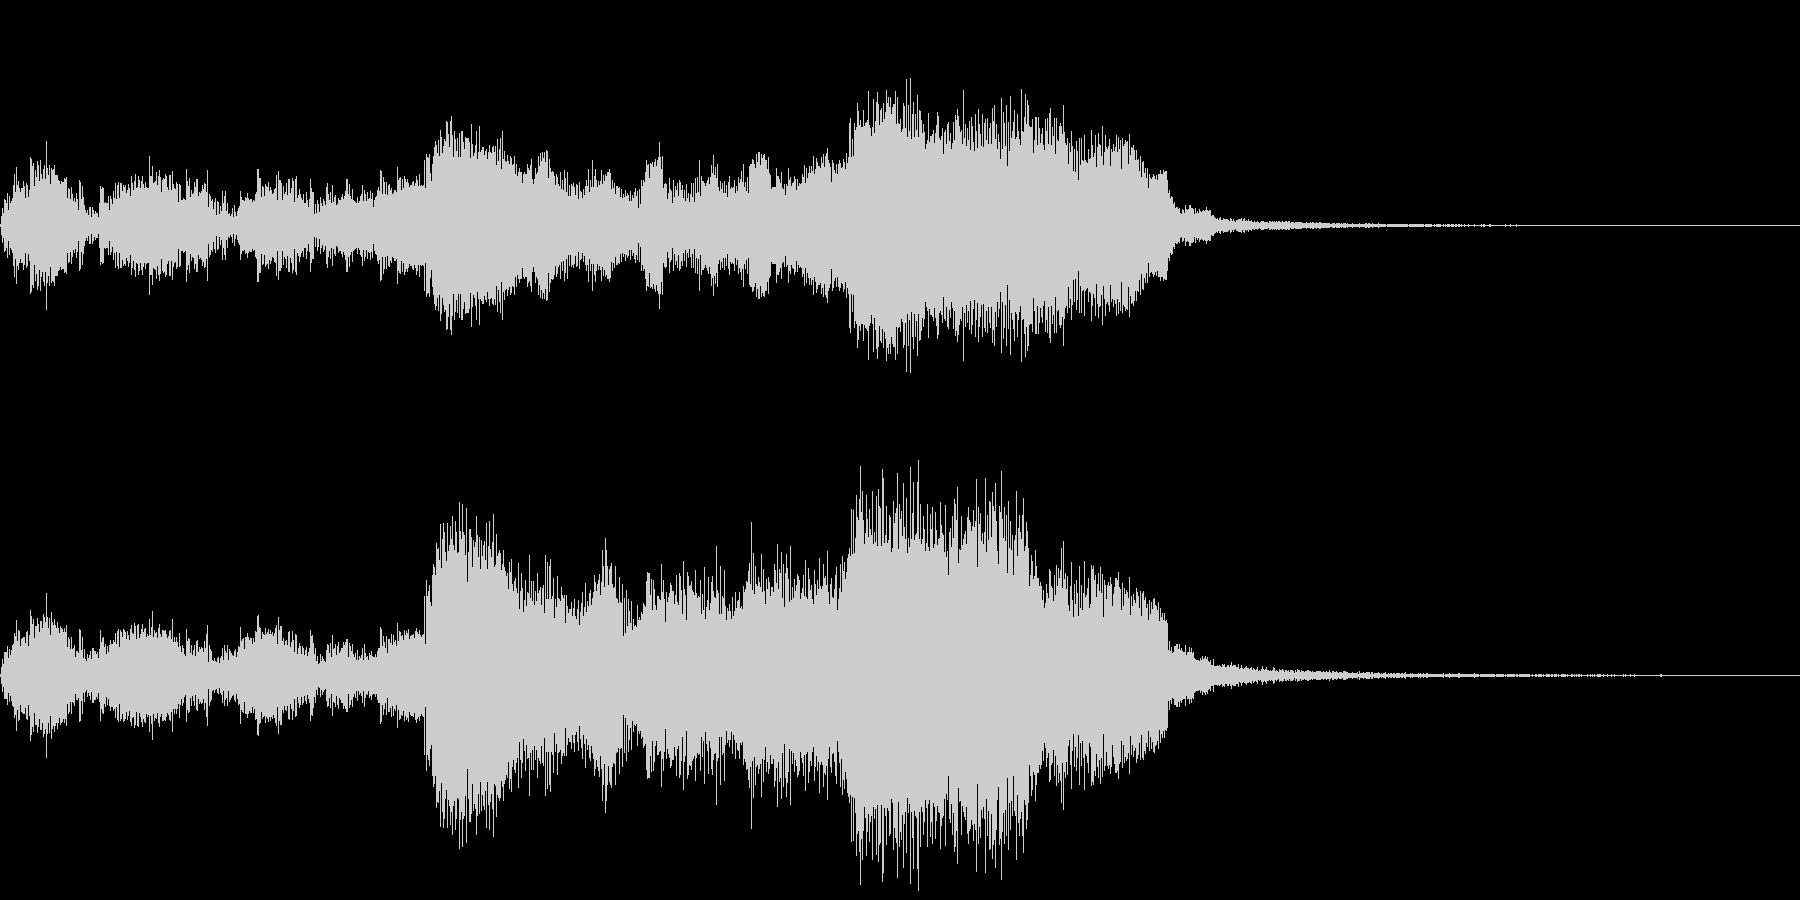 ティンパニロールと金管楽器~結果発表~の未再生の波形